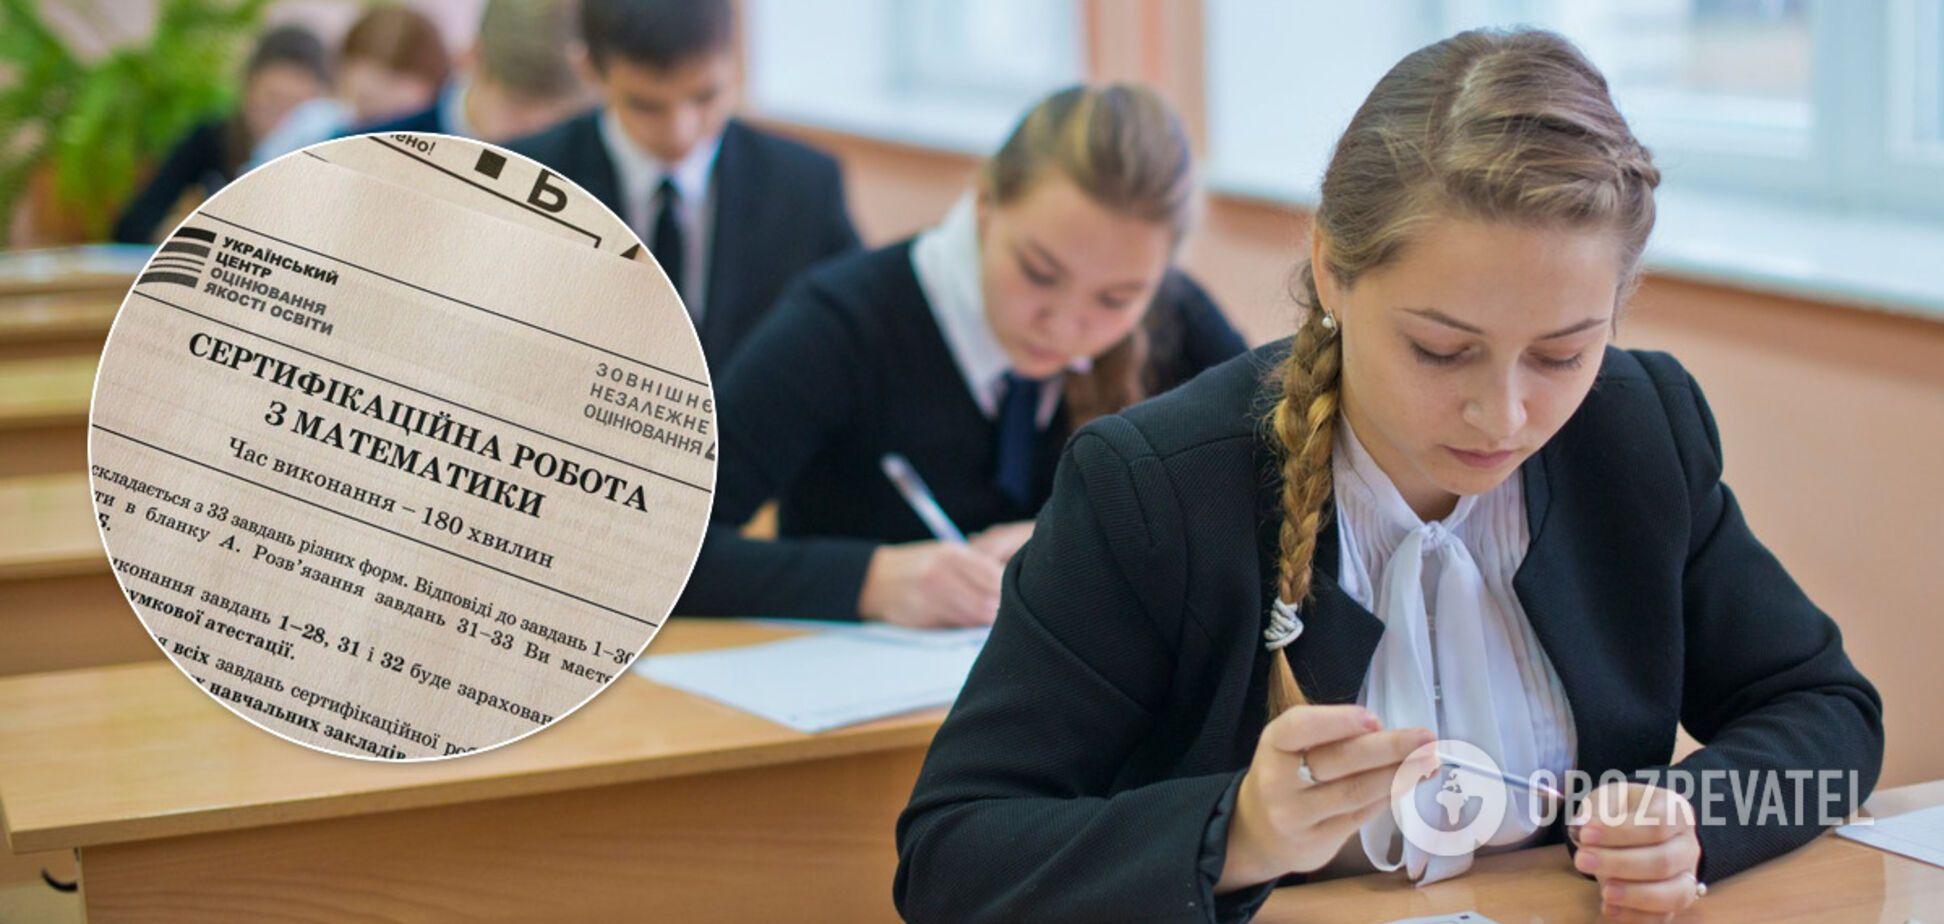 ЗНО в Україні не скасують: омбудсмен озвучив деталі